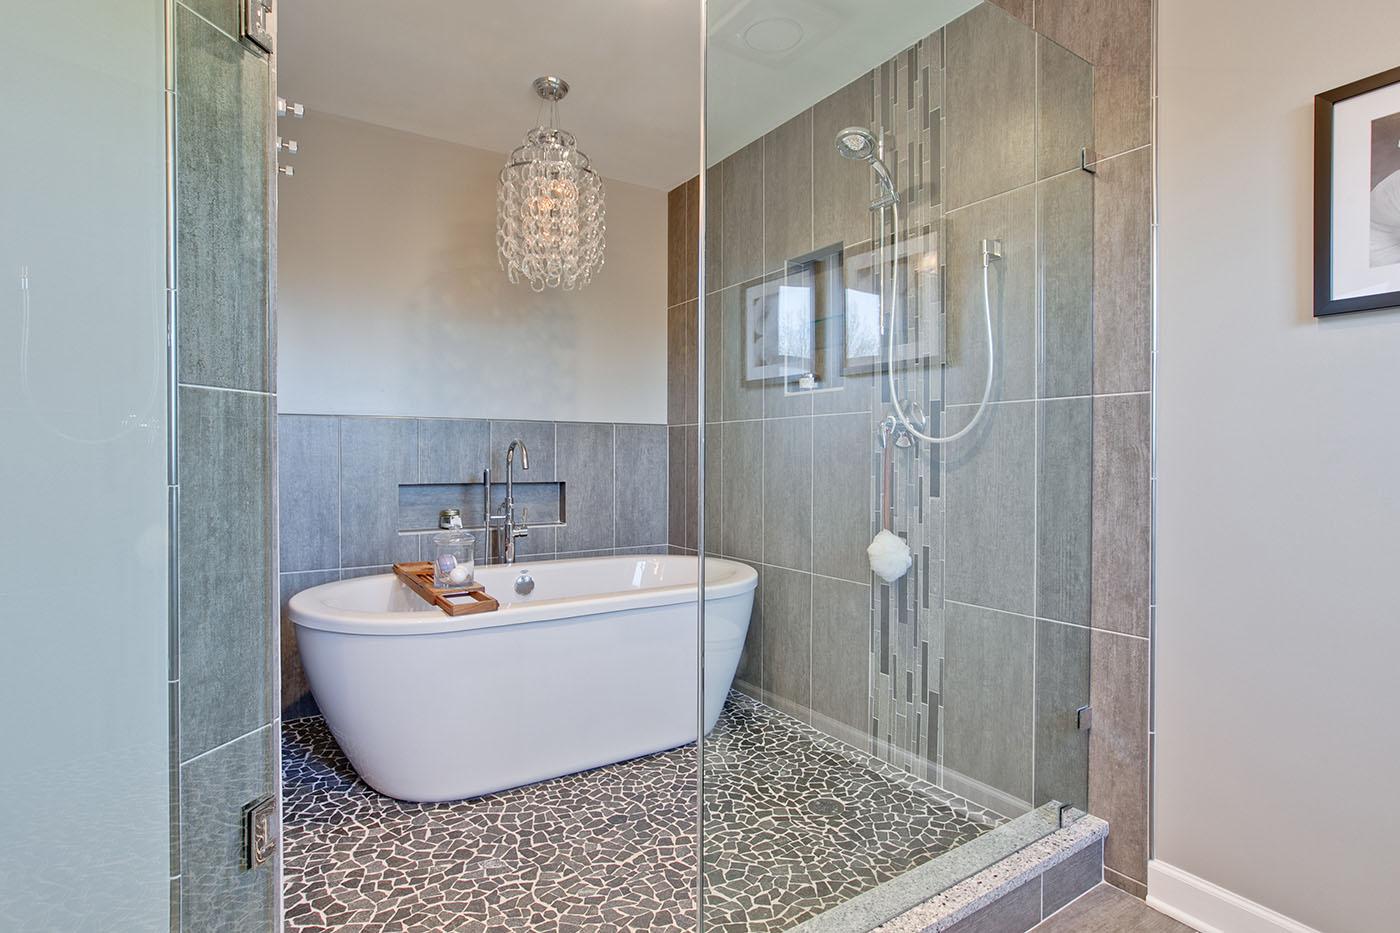 Julie-A-Green-Oaks-Bathroom-after-3